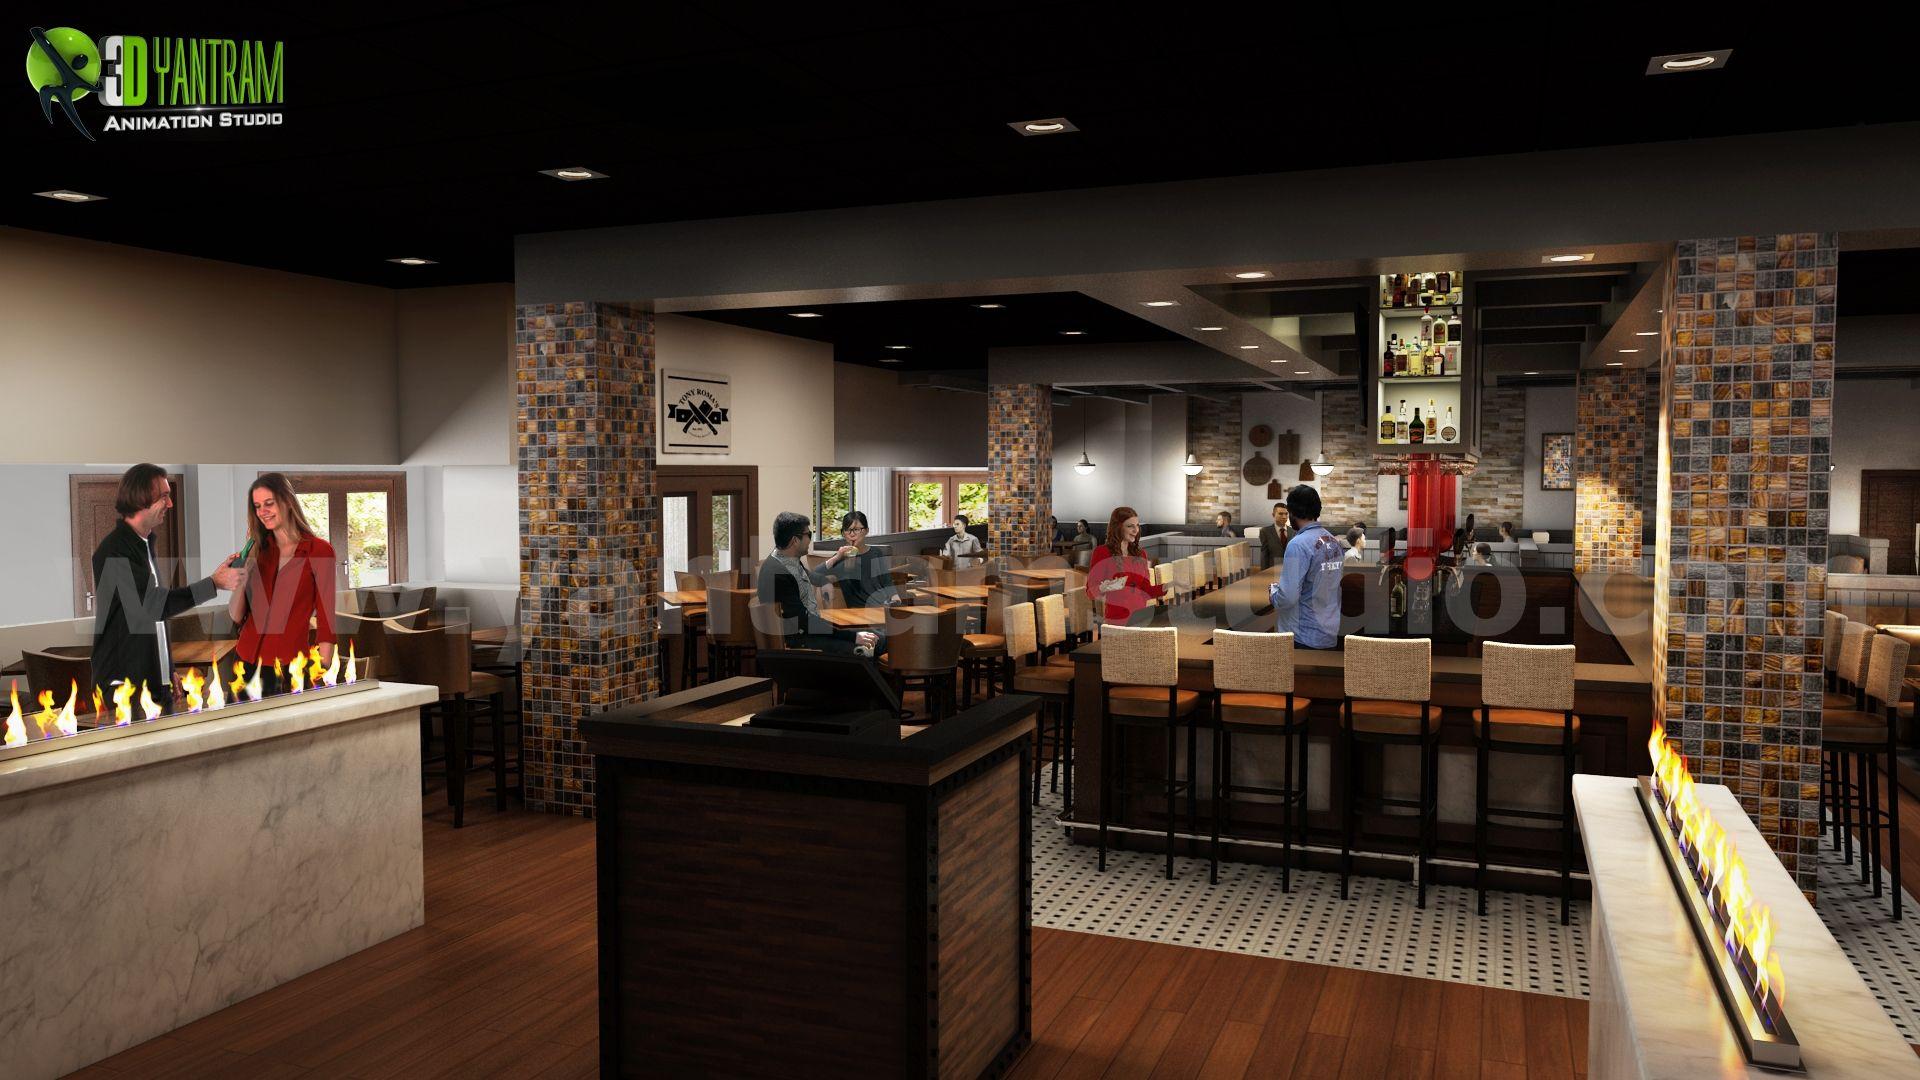 #Inspiring #Restaurant #Bars Modern Design By Yantram 3d Interior Modeling  Morocco.